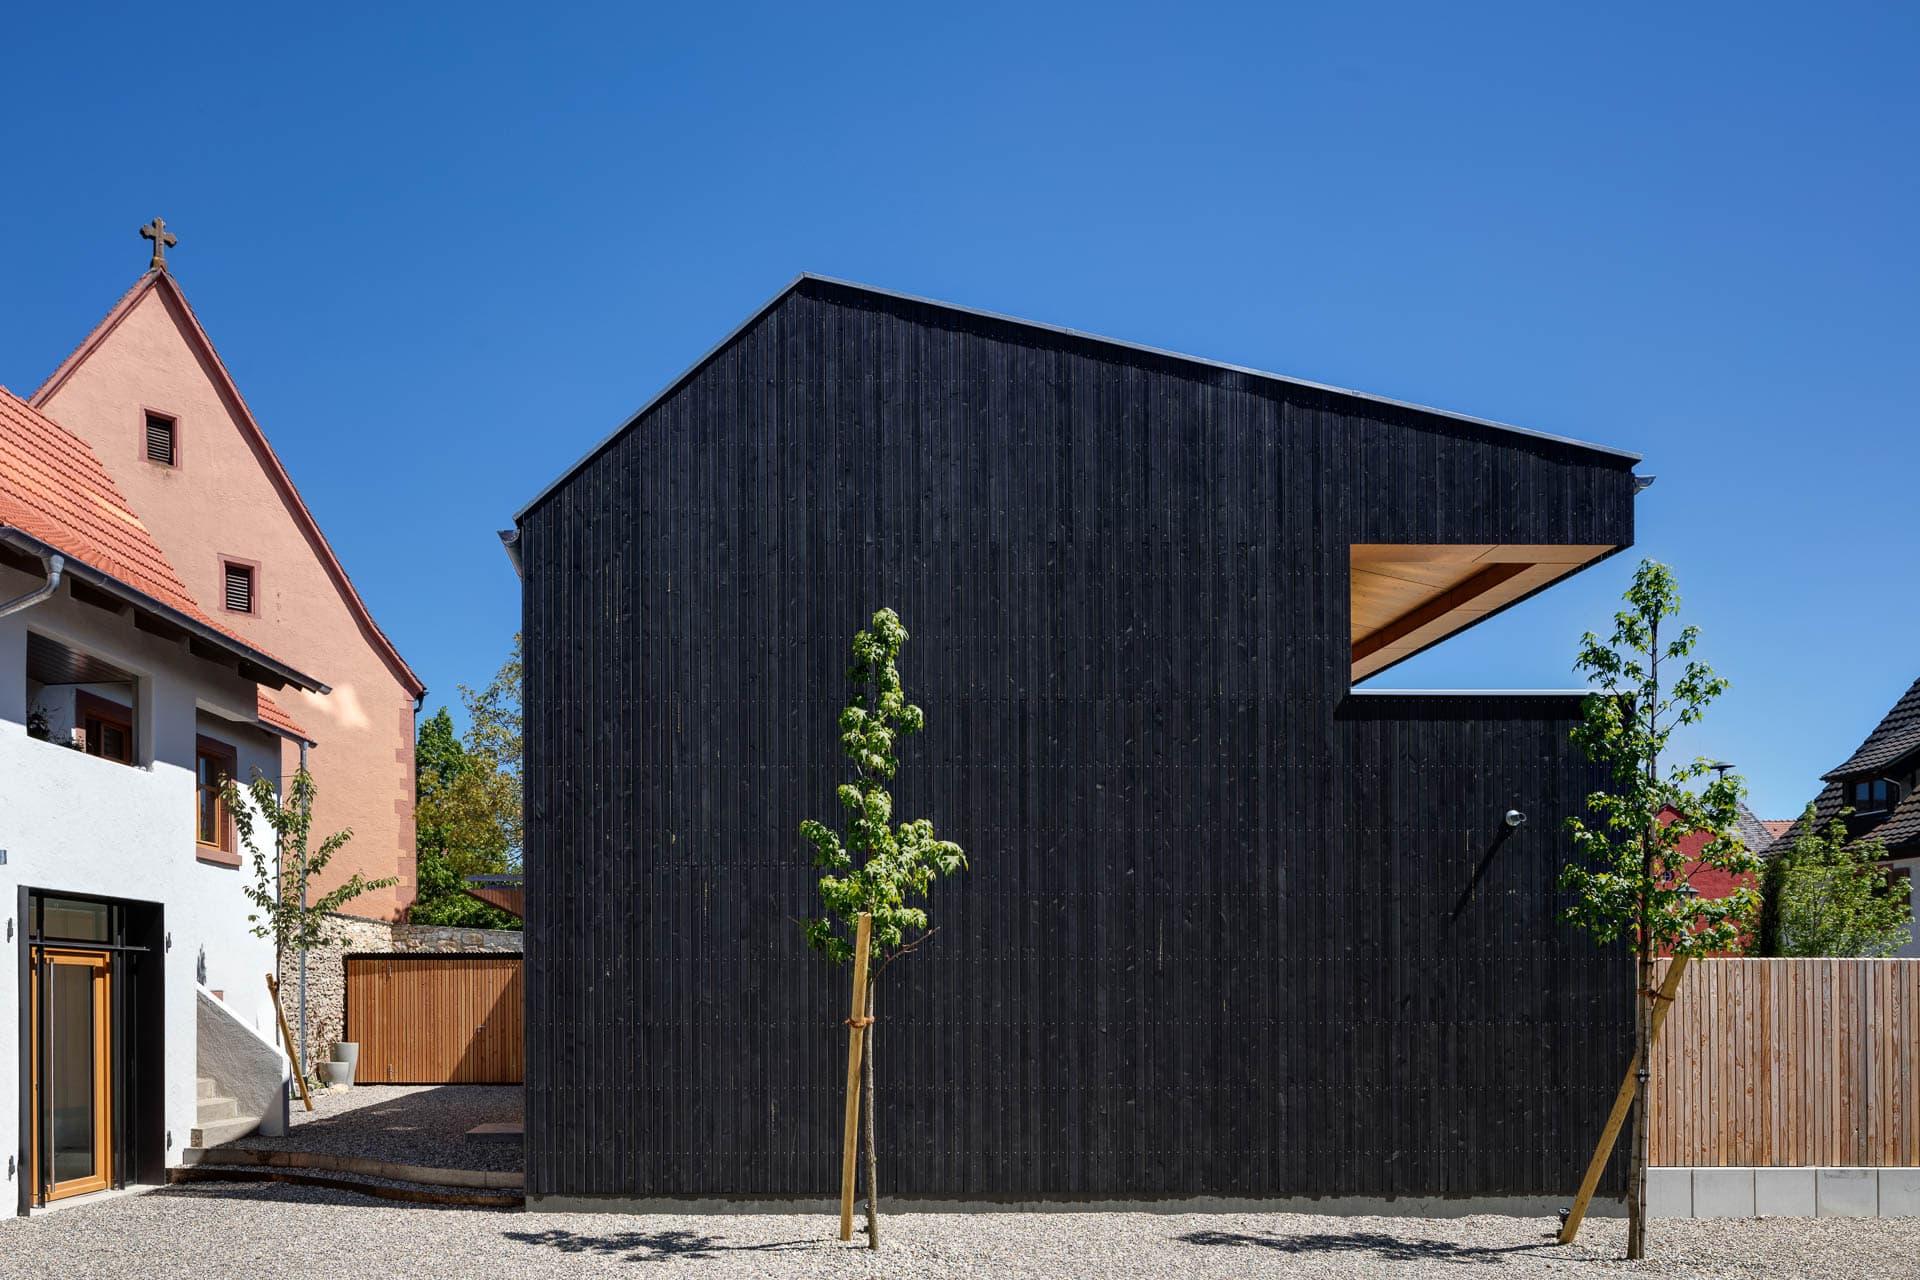 Hugo-Häring-Auszeichnung und Bauen im Bestand: Gutshof Gässle, Siedlungswerkstatt